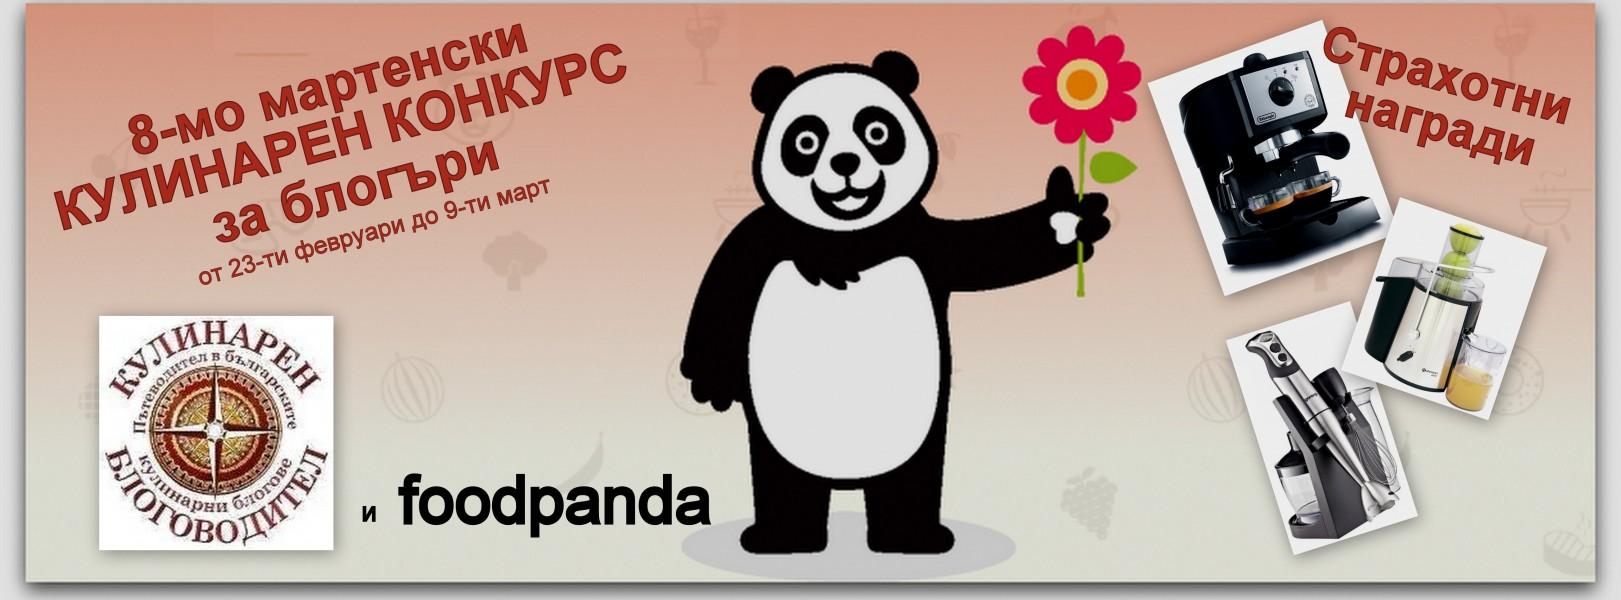 ��������� ������� �� foodpanda � ������������